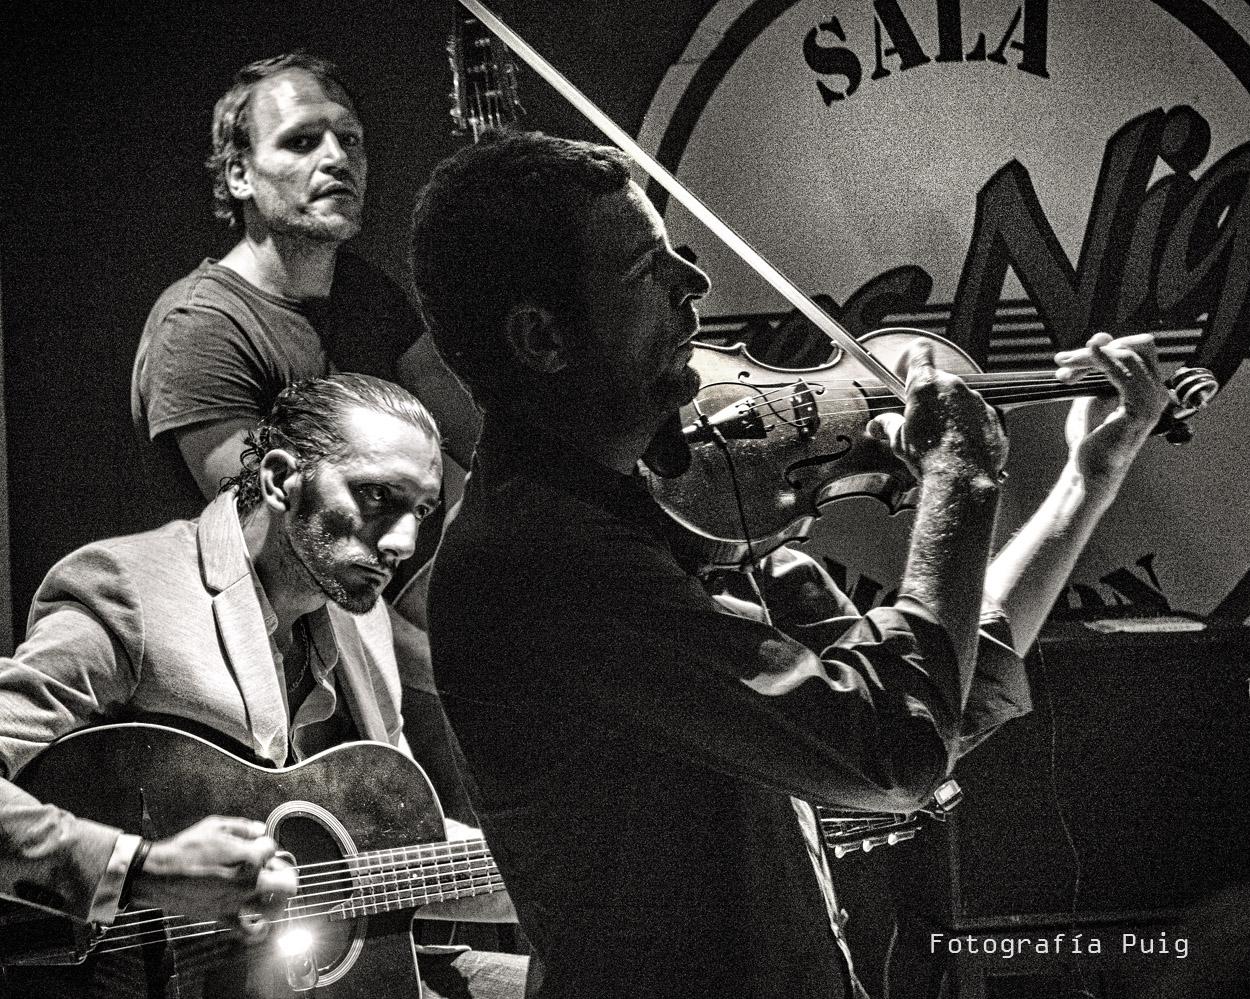 Club de Jazz de Monzon - Huesca